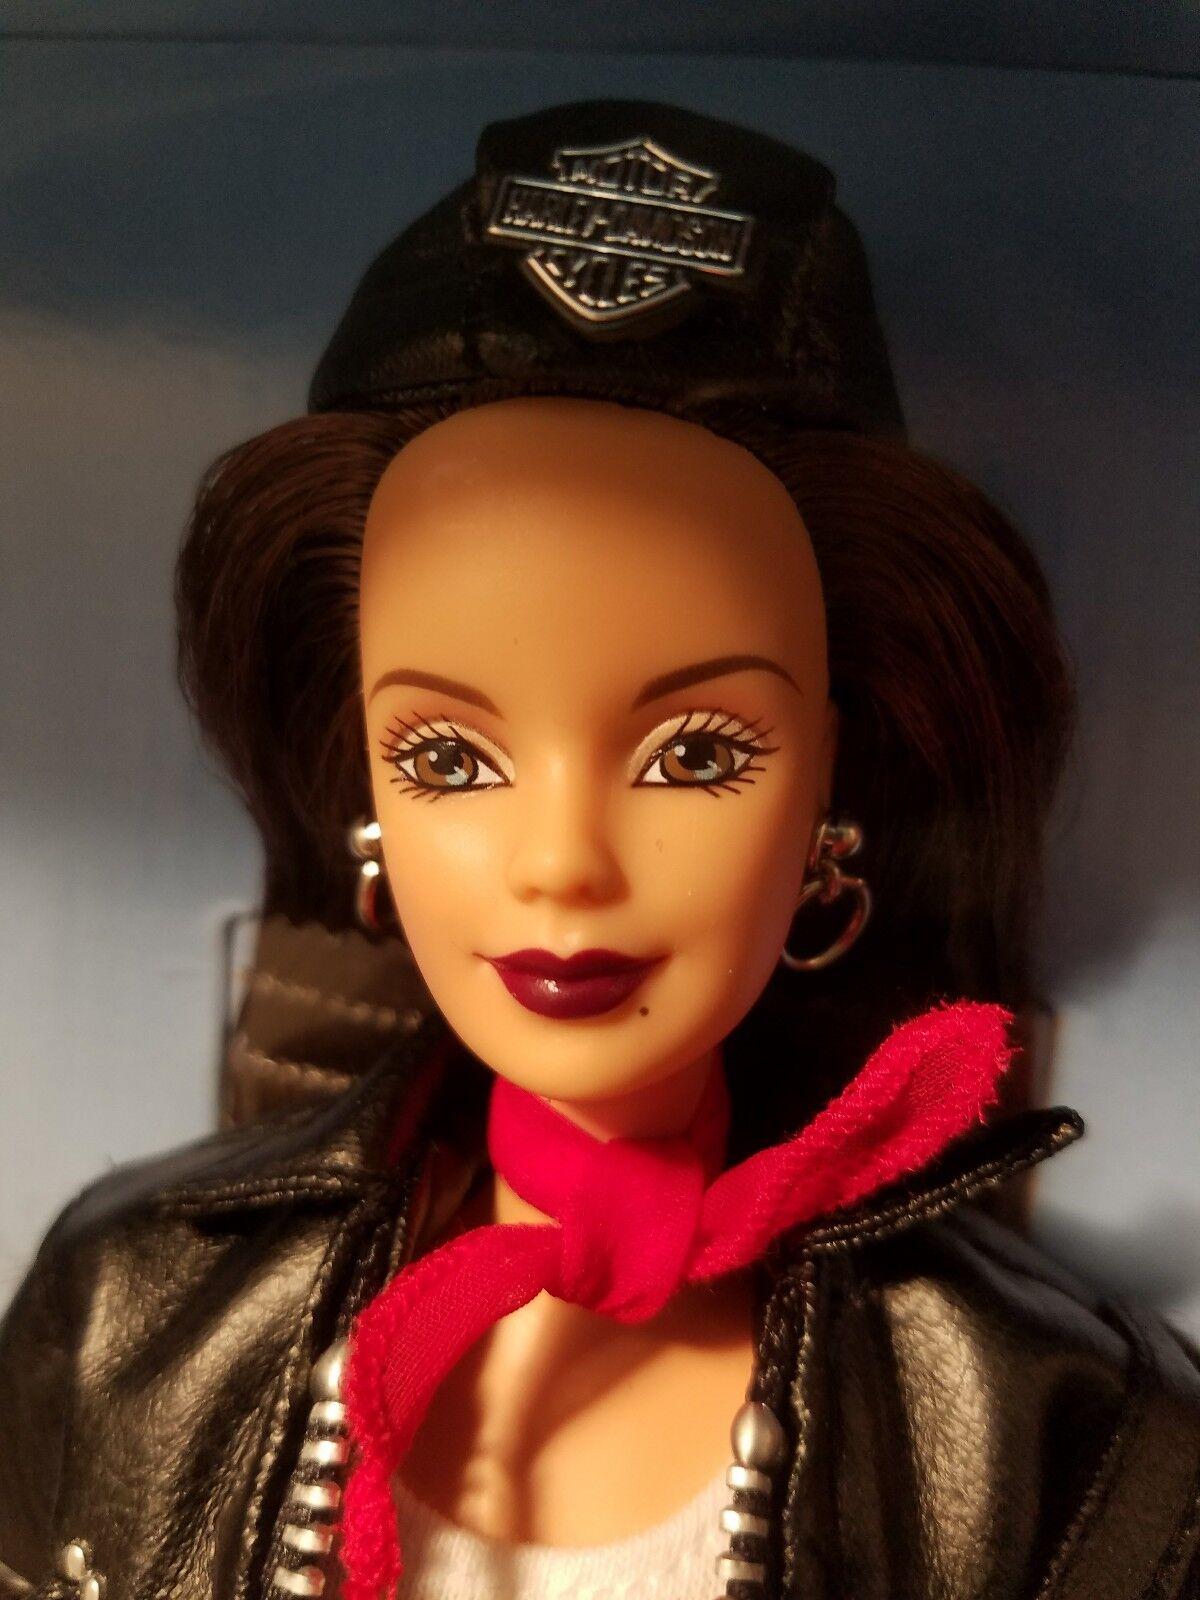 Harley-Davidson Barbie Toys R Us Exclusive tercero en una serie Morena 1998 Como Nuevo